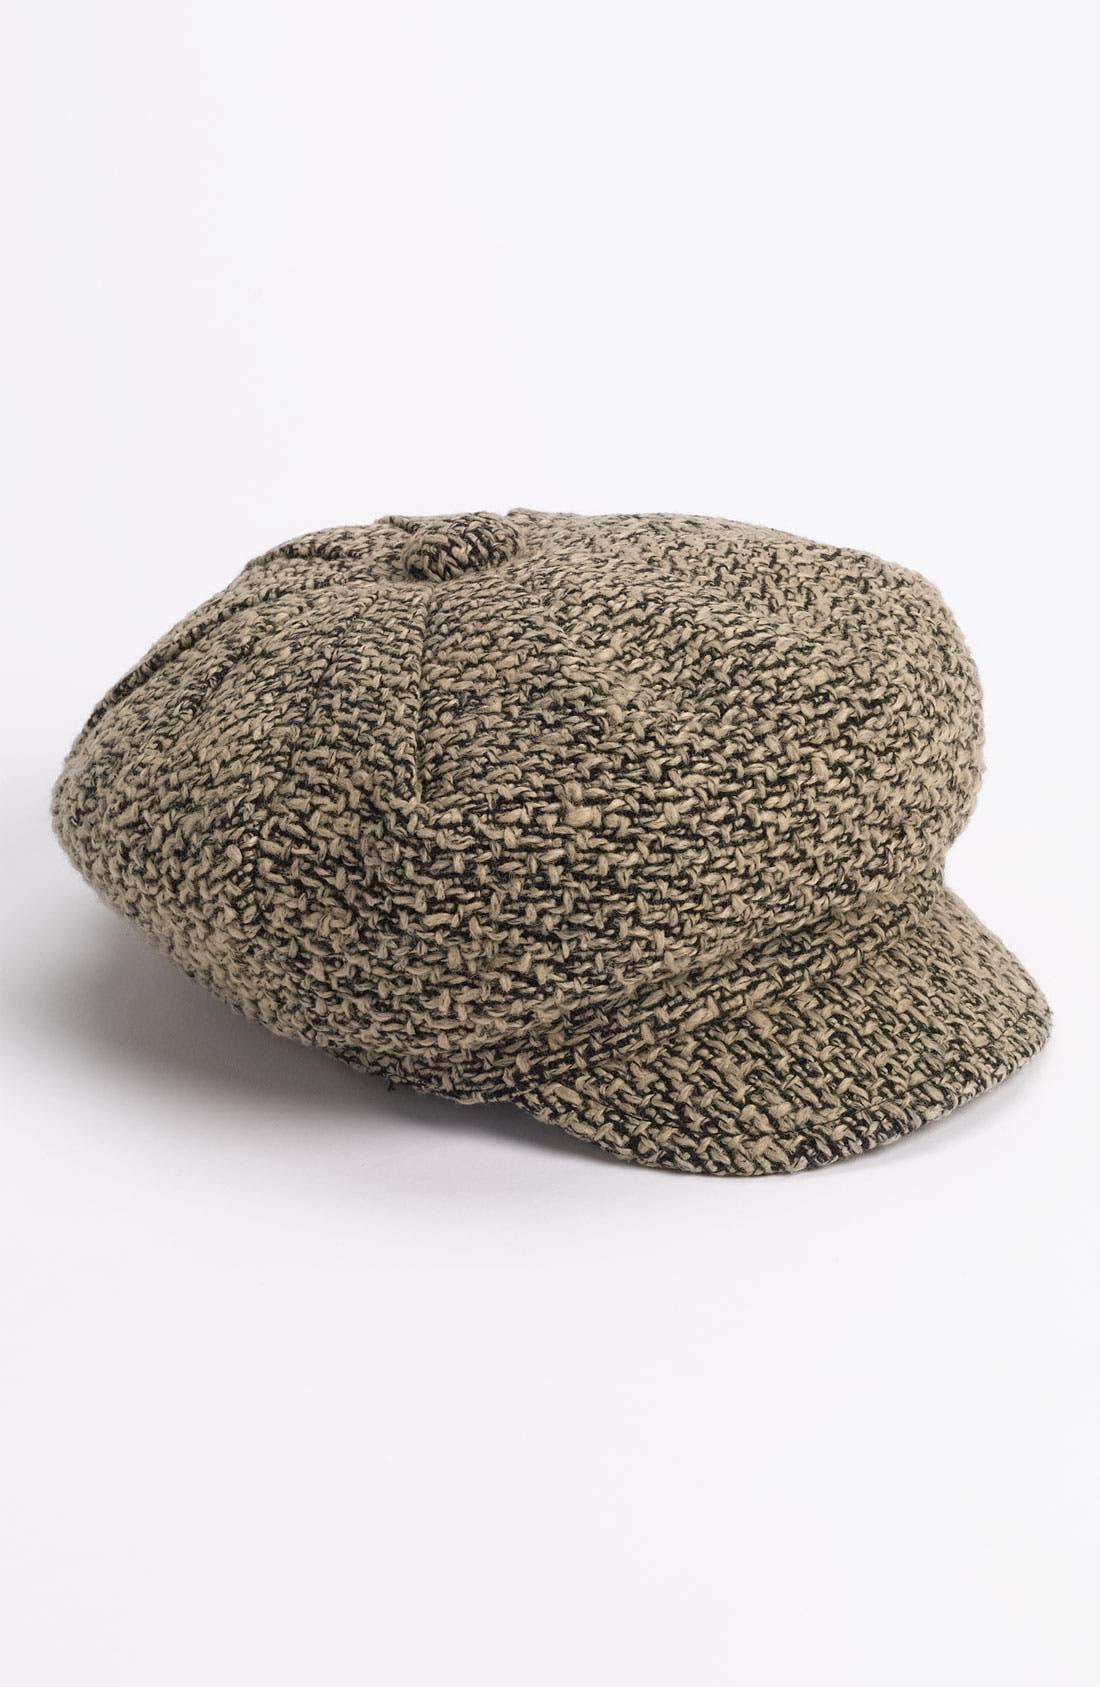 Alternate Image 1 Selected - Halogen® 'Tweed Tuck' Newsboy Cap